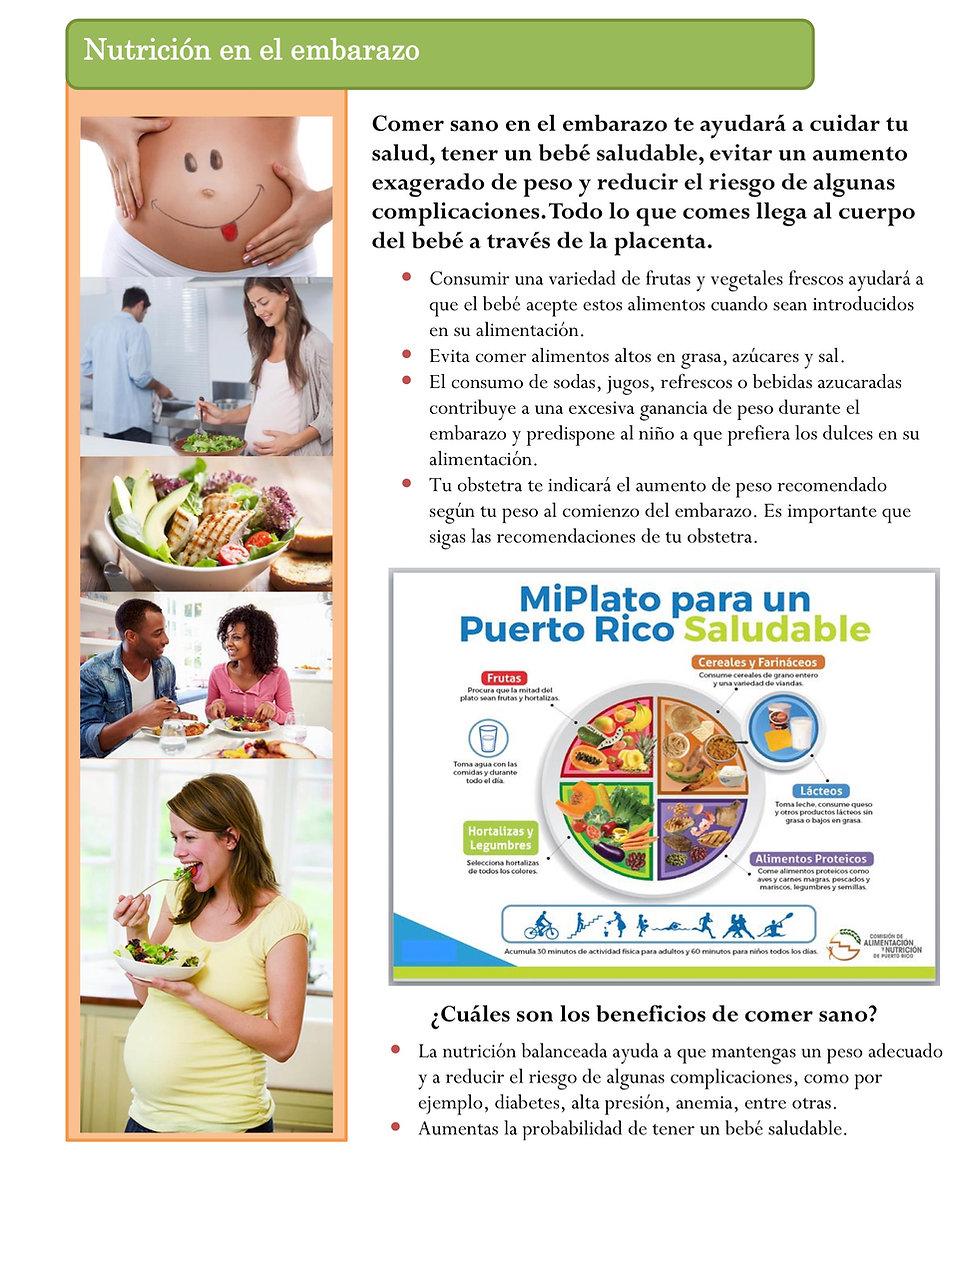 2._Nutrición_en_el_embarazo_2018.jpg